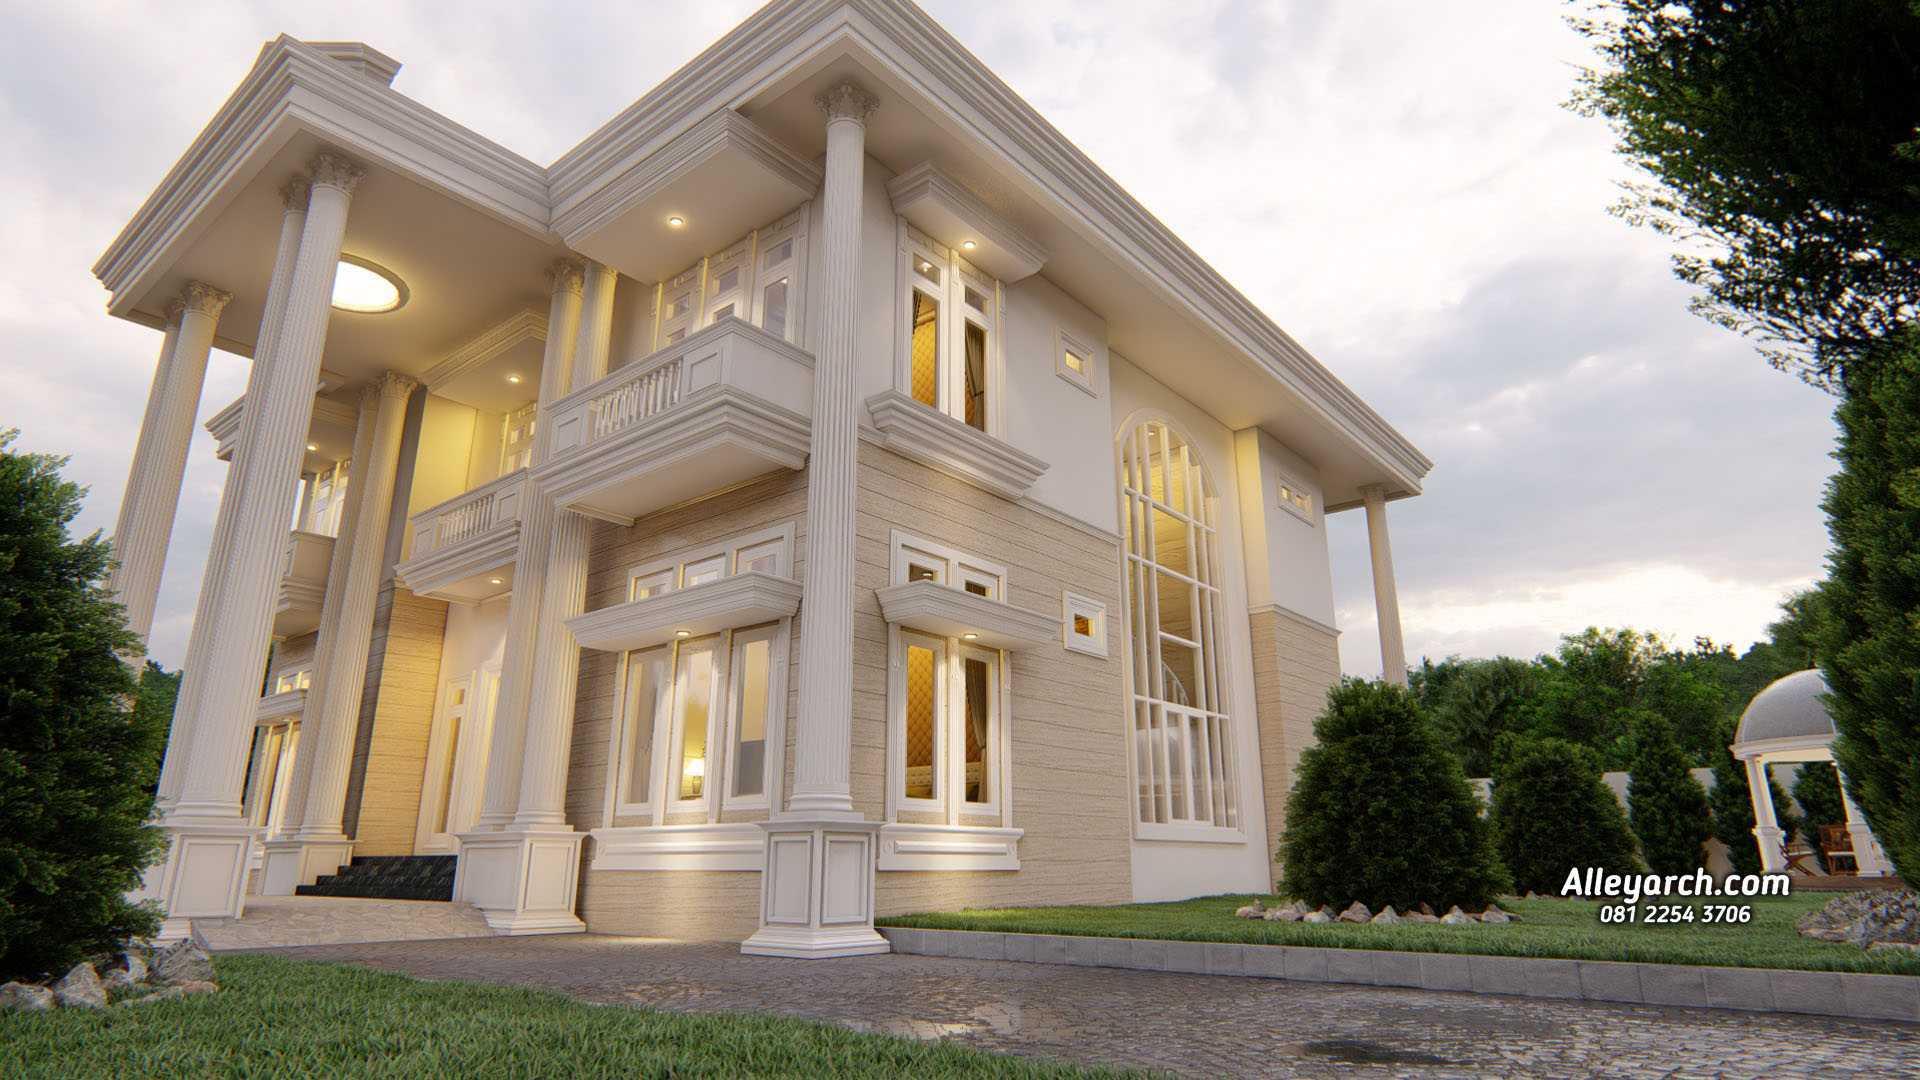 Photo Alleyarch Desain Rumah Classic Mewah 2 Lantai Jasa Arsitek Semarang Desain Rumah Classic Mewah 2 Lantai Di Semarang 4 Desain Arsitek Oleh Alleyarch Arsitag